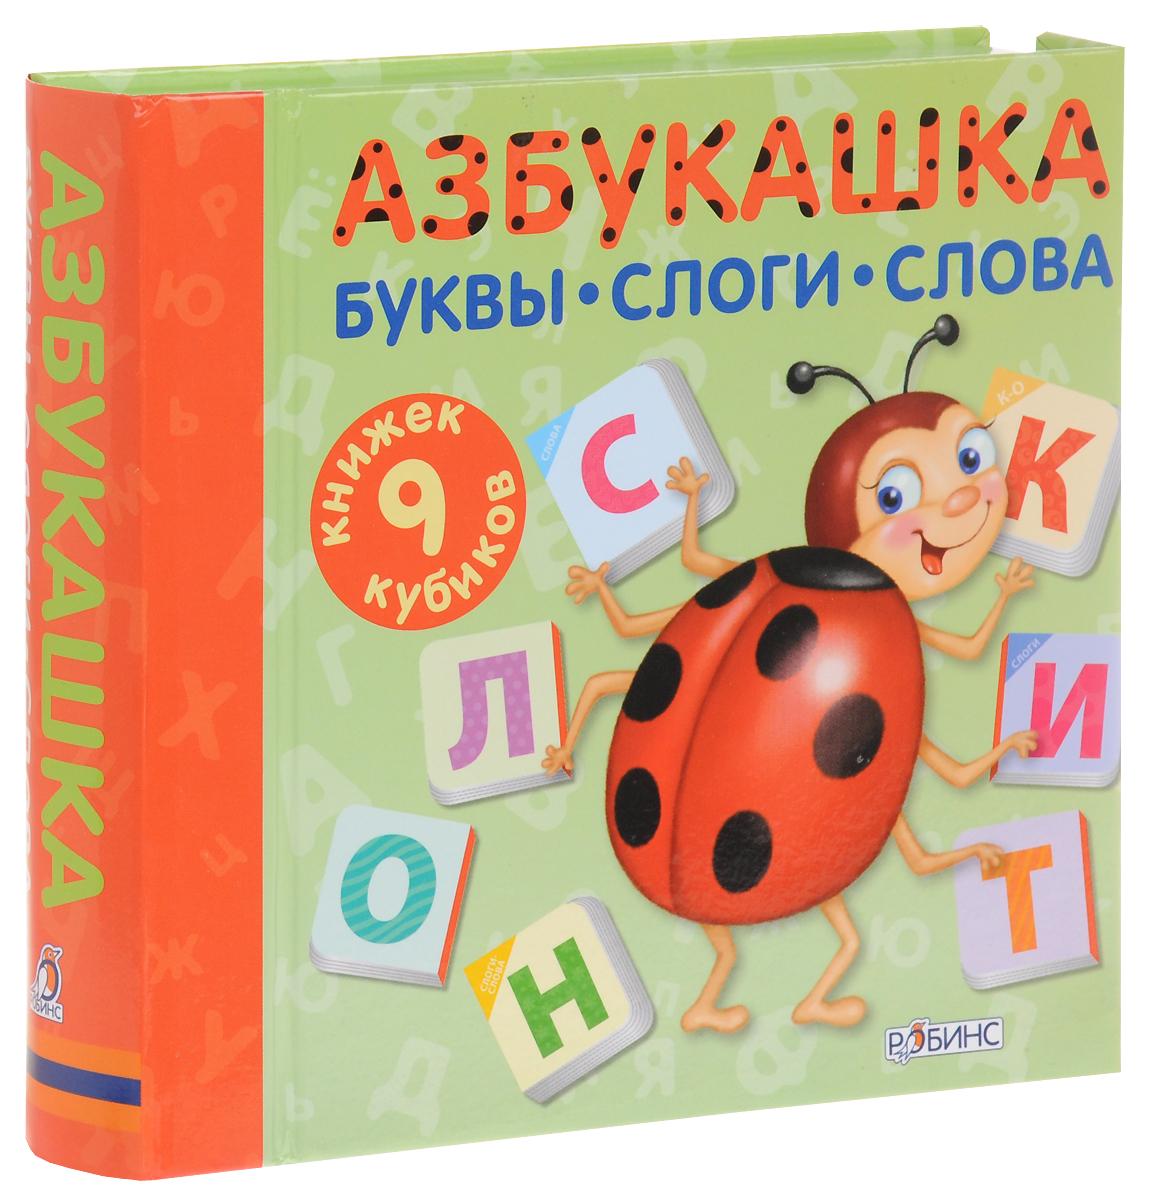 Азбукашка. Буквы, слоги, слова (комплект из 9 книжек-кубиков) clever книжки кубики мои первые слова в мире животных